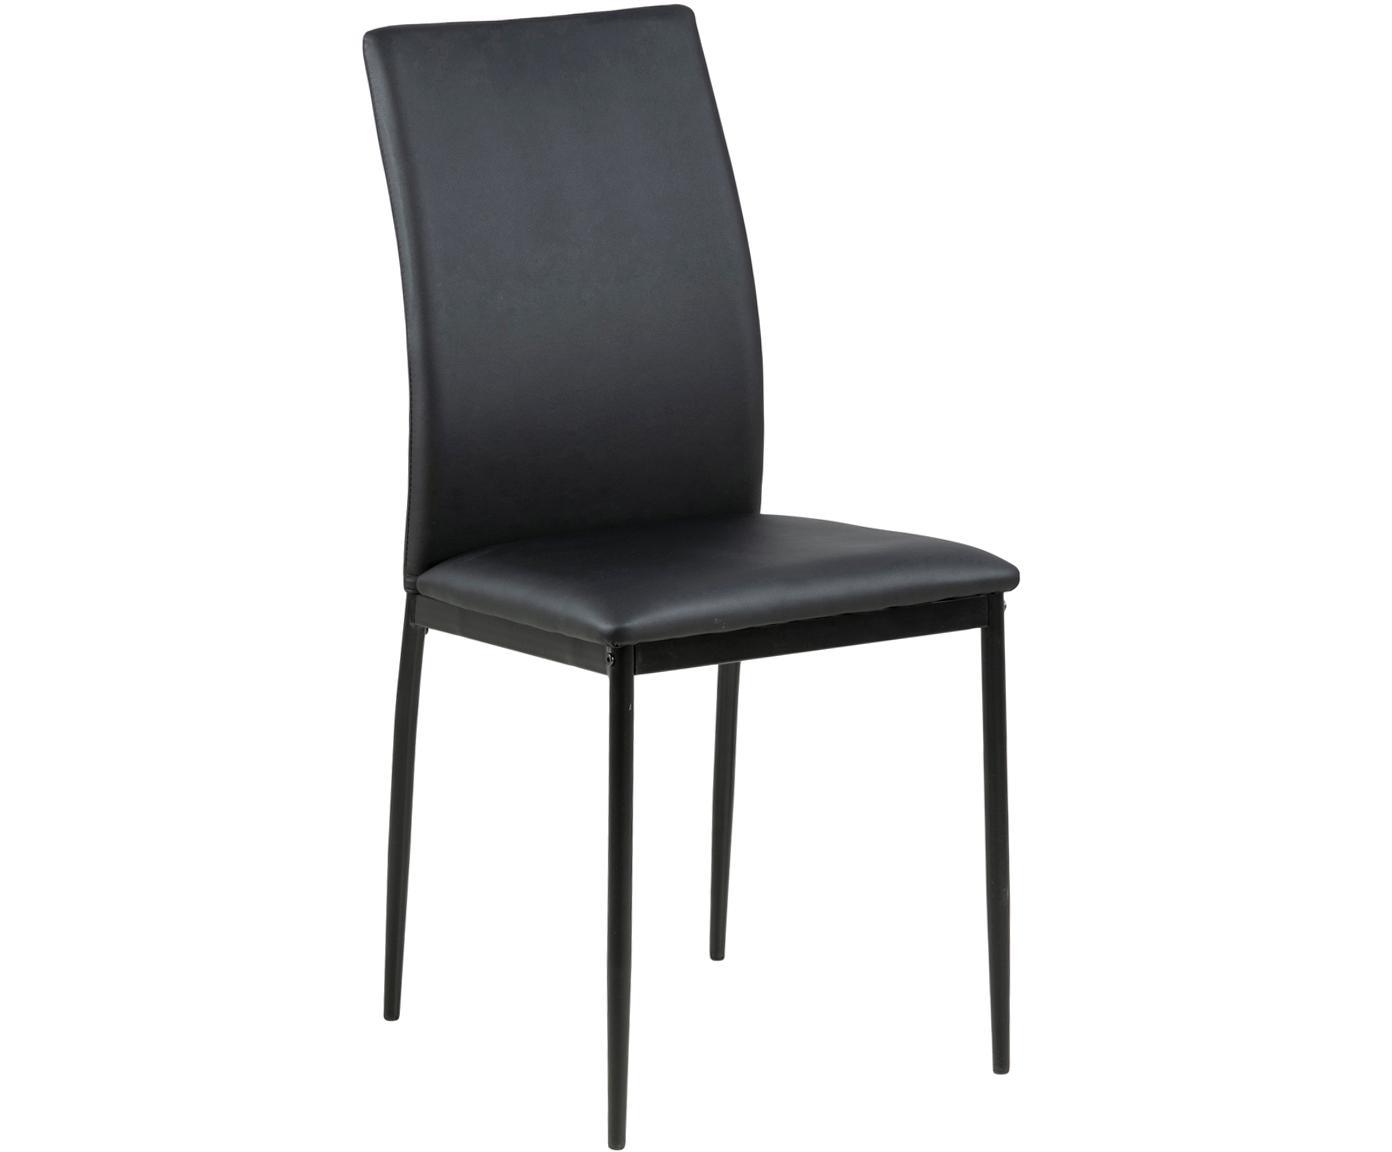 Sedia in pelle sintetica Demina, Rivestimento: poliuretano (pelle PU), Gambe: metallo verniciato a polv, Nero, Larg. 44 x Prof. 53 cm